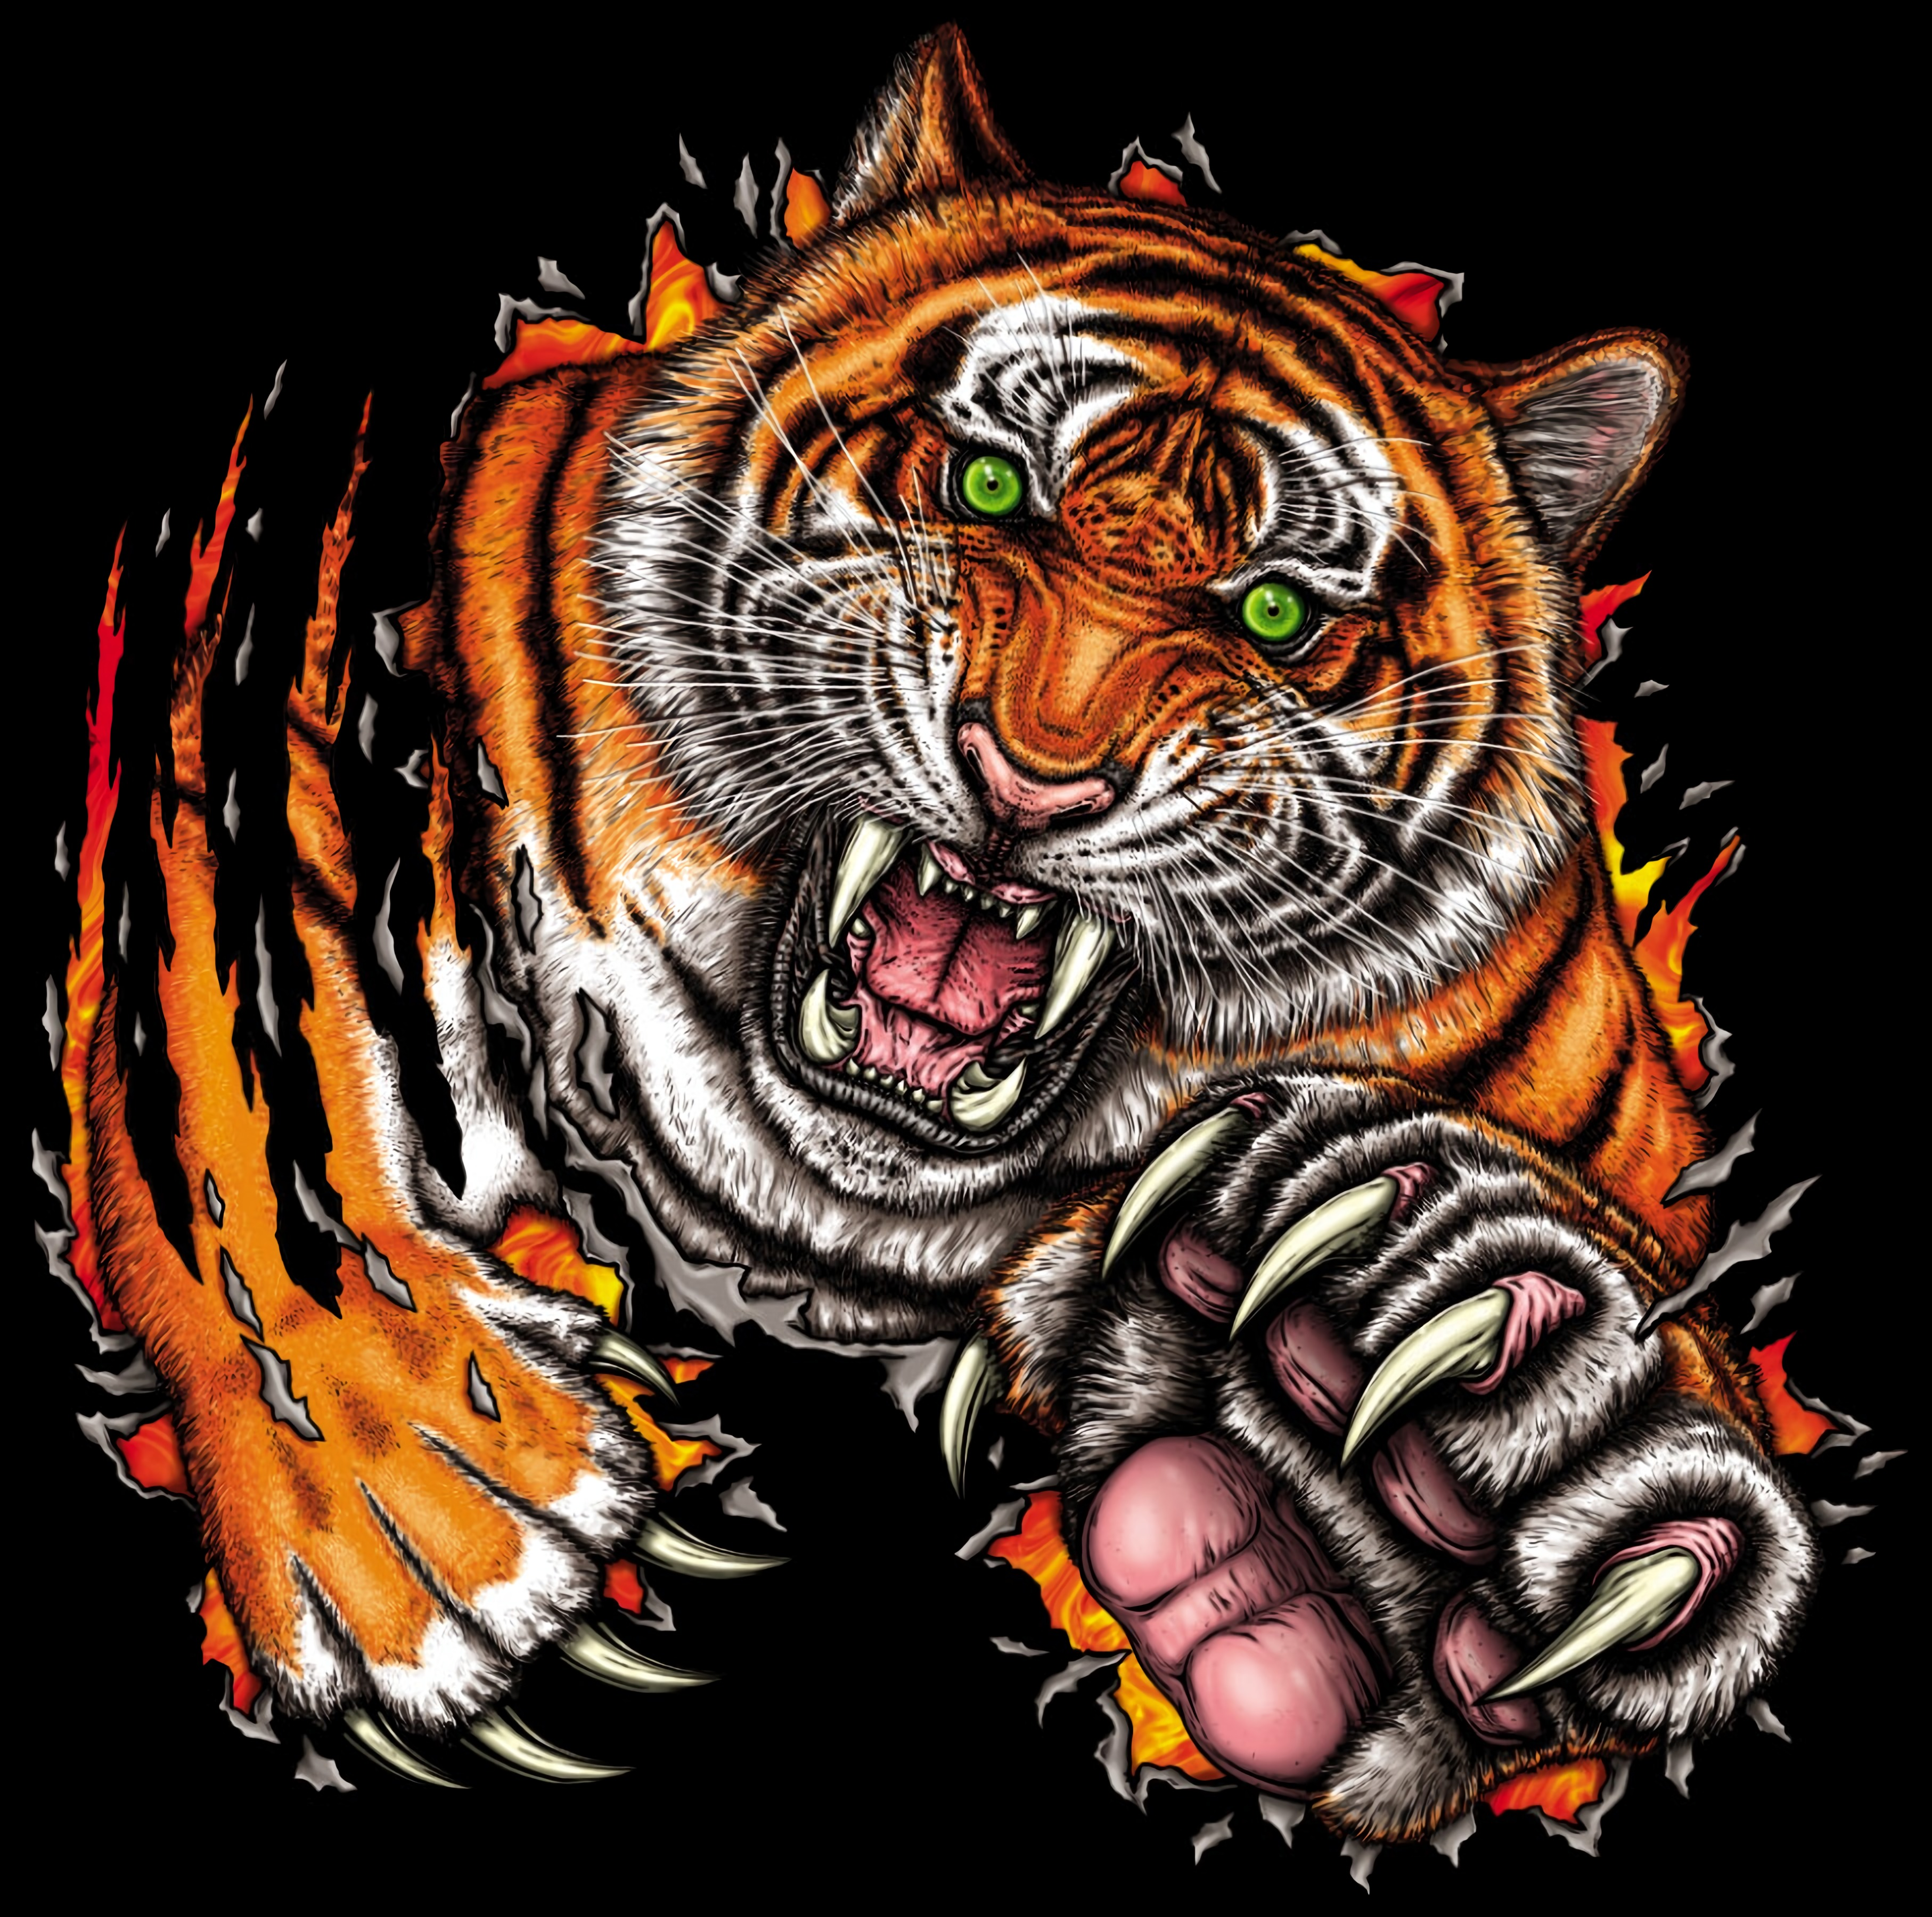 89428 скачать обои Тигр, Оскал, Прыжок, Хищник, Арт - заставки и картинки бесплатно